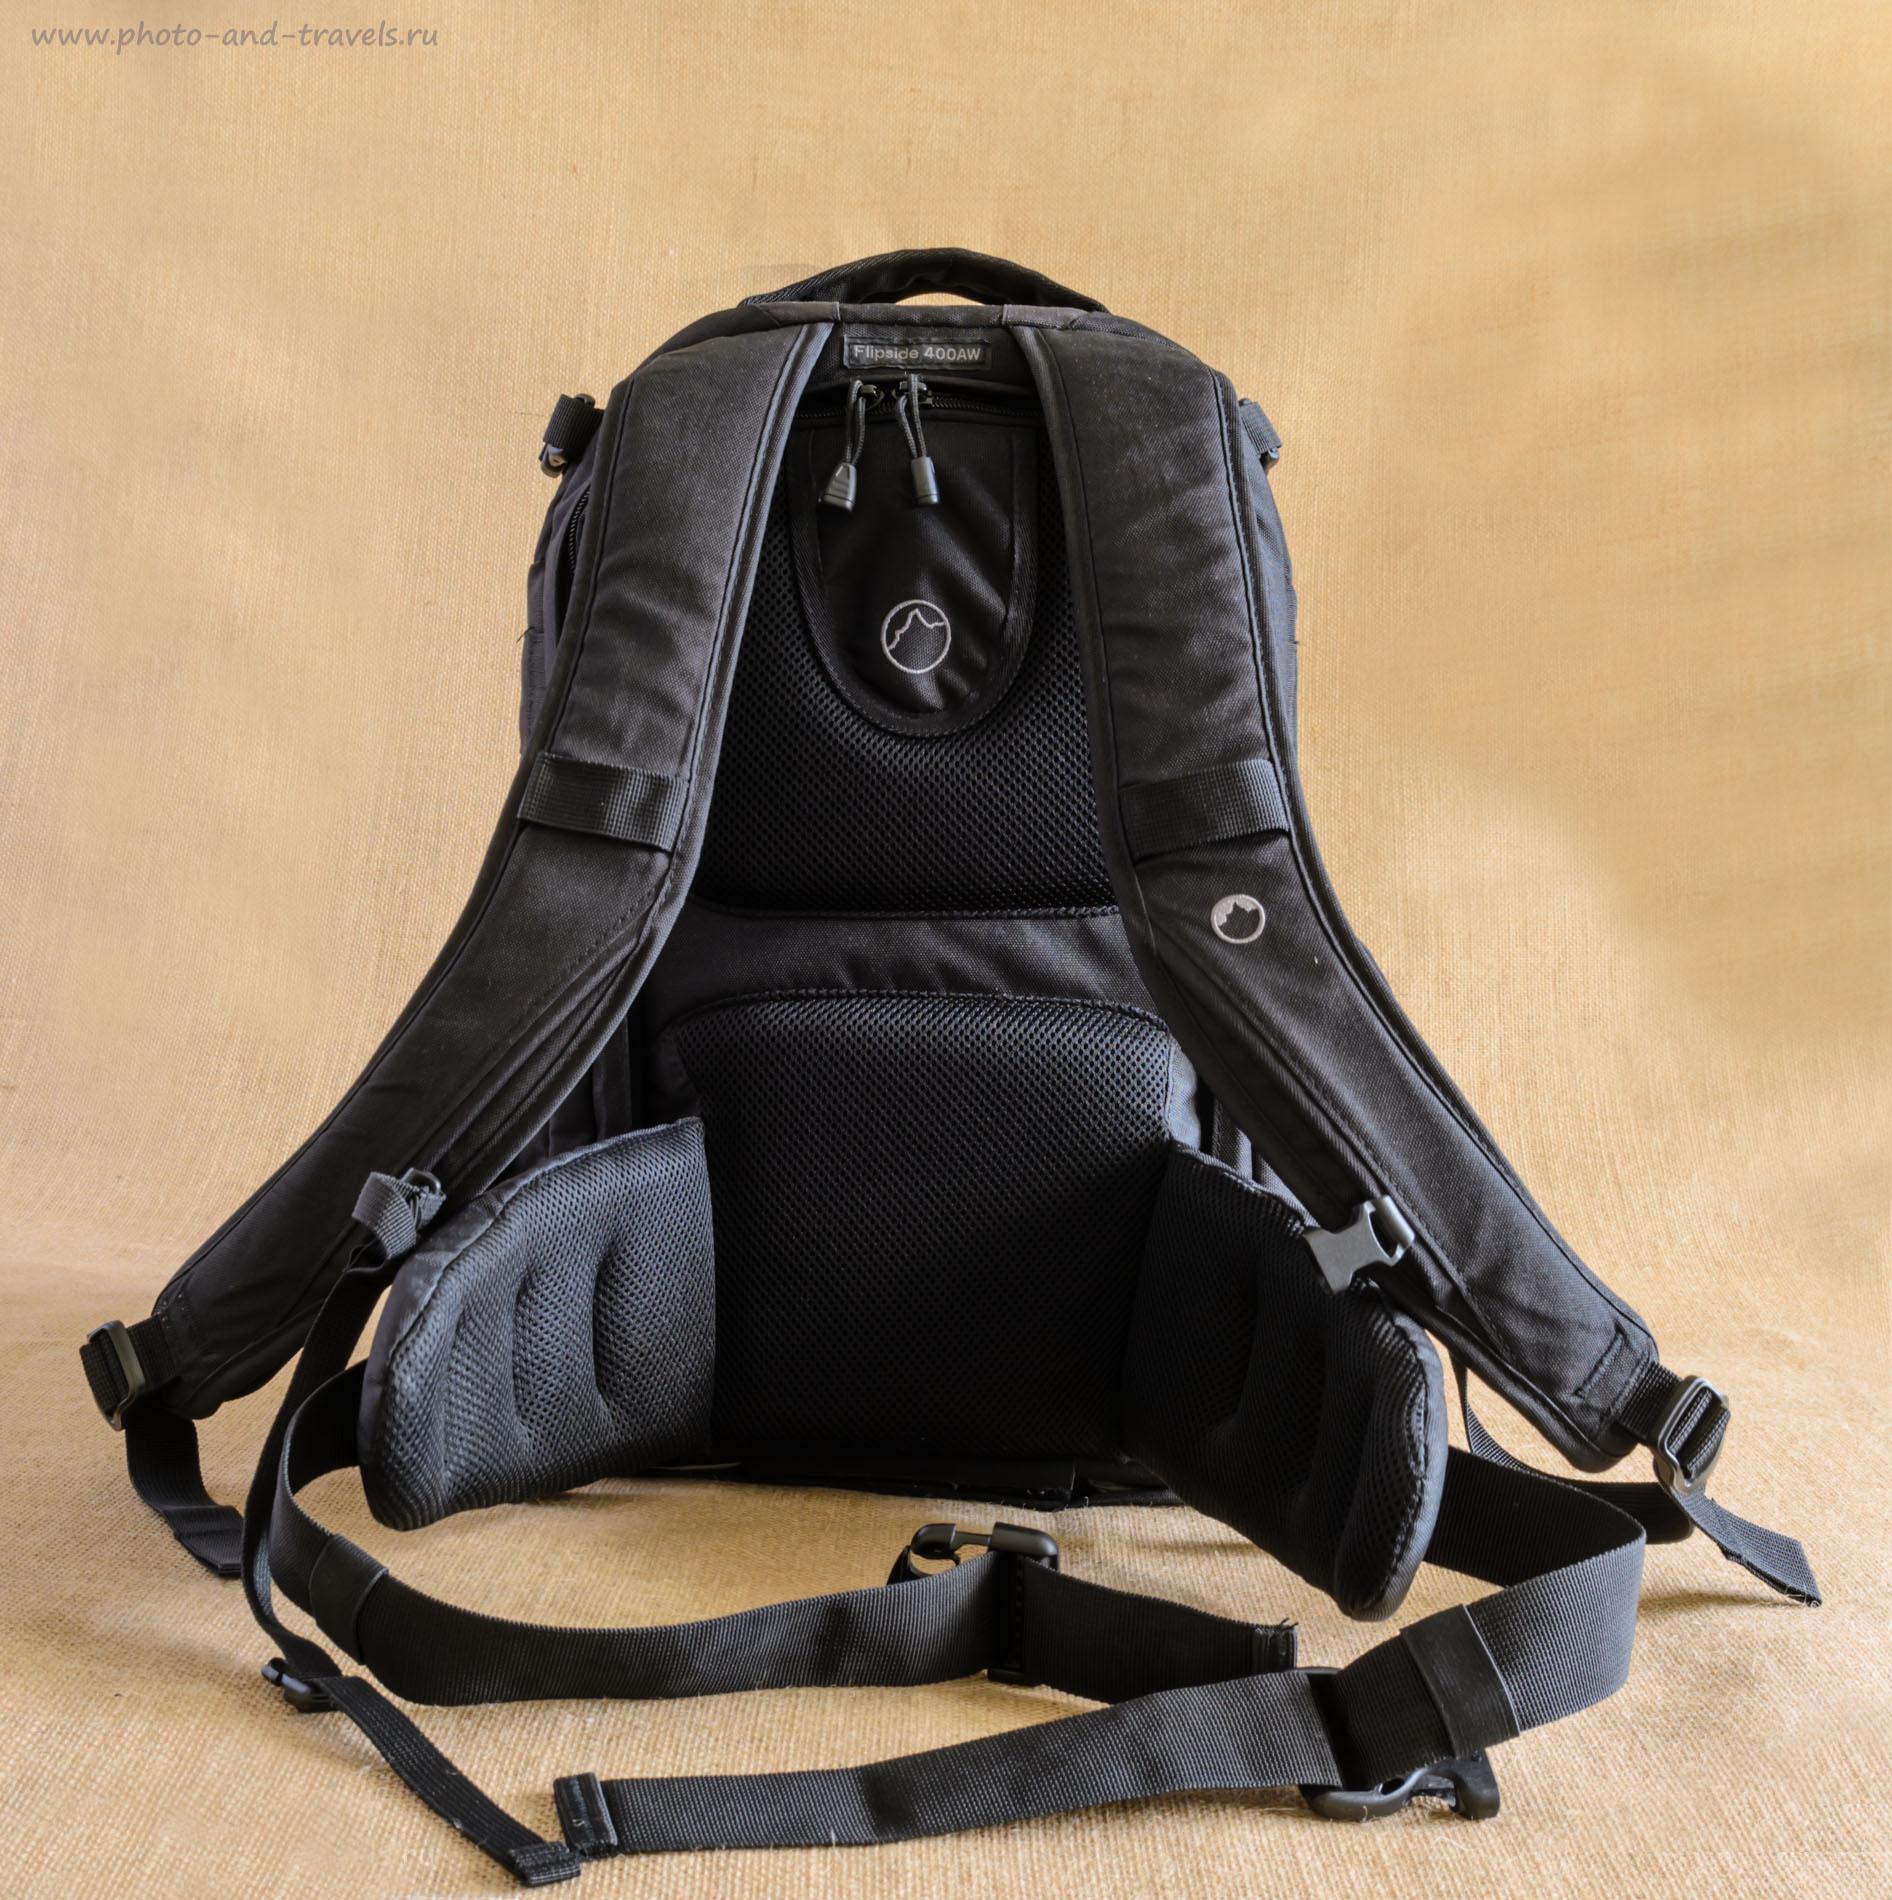 Фото 19. Особенность модели Lowepro Flipside 400 AW – крышка открывается со стороны спины фотографа. Тем самым повышается безопасность от кражи аппаратуры.